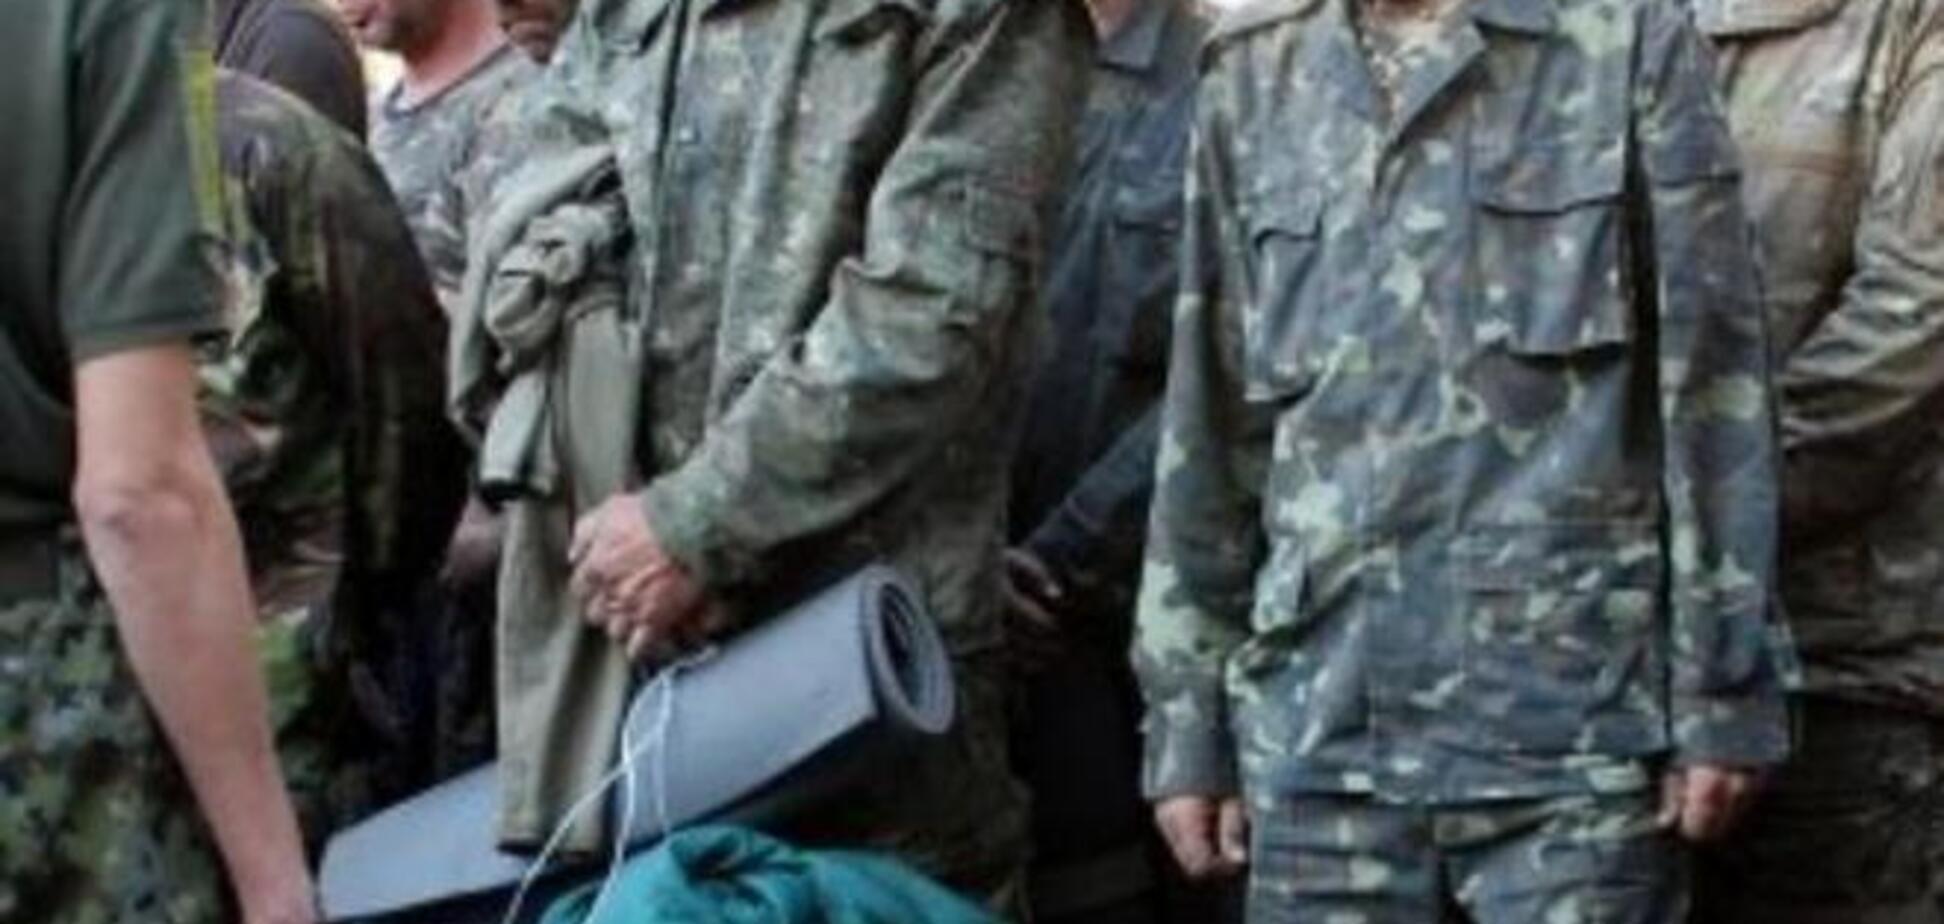 Считающиеся погибшими под Иловайском военные проданы в рабство в РФ - правозащитница